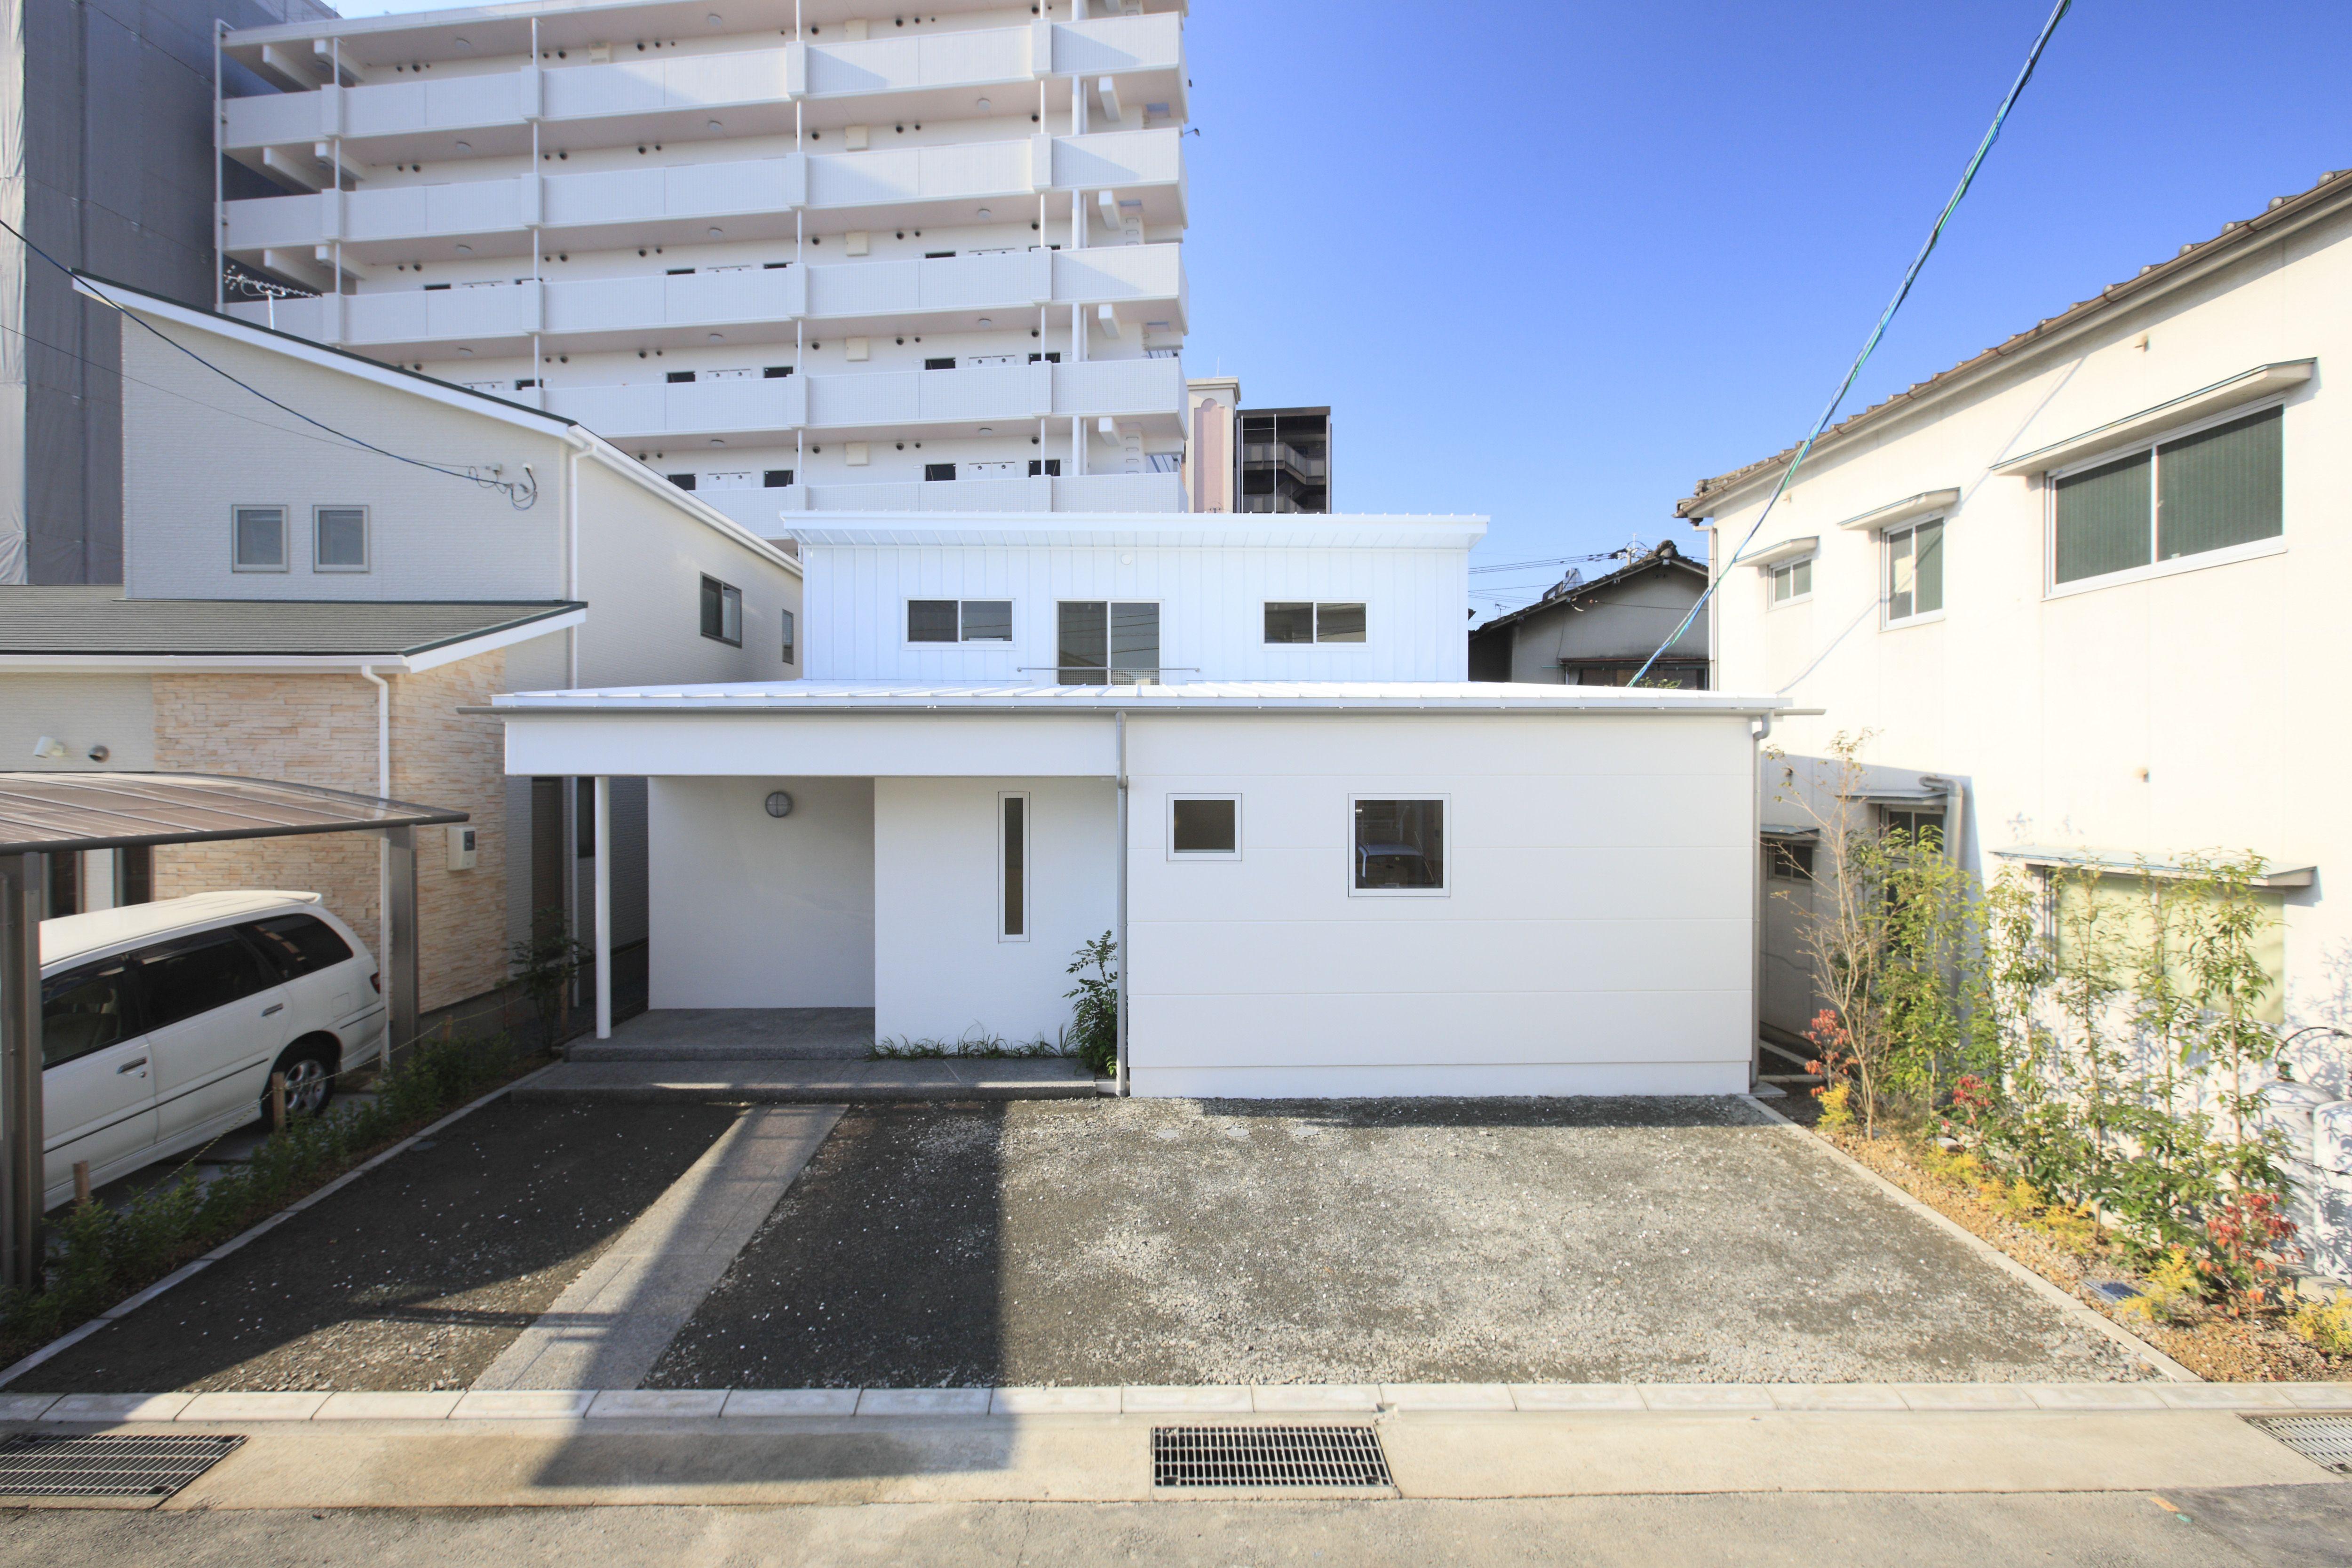 アクティブデザインが手がけた新築住宅 ホームウェア 新築 住宅 住宅